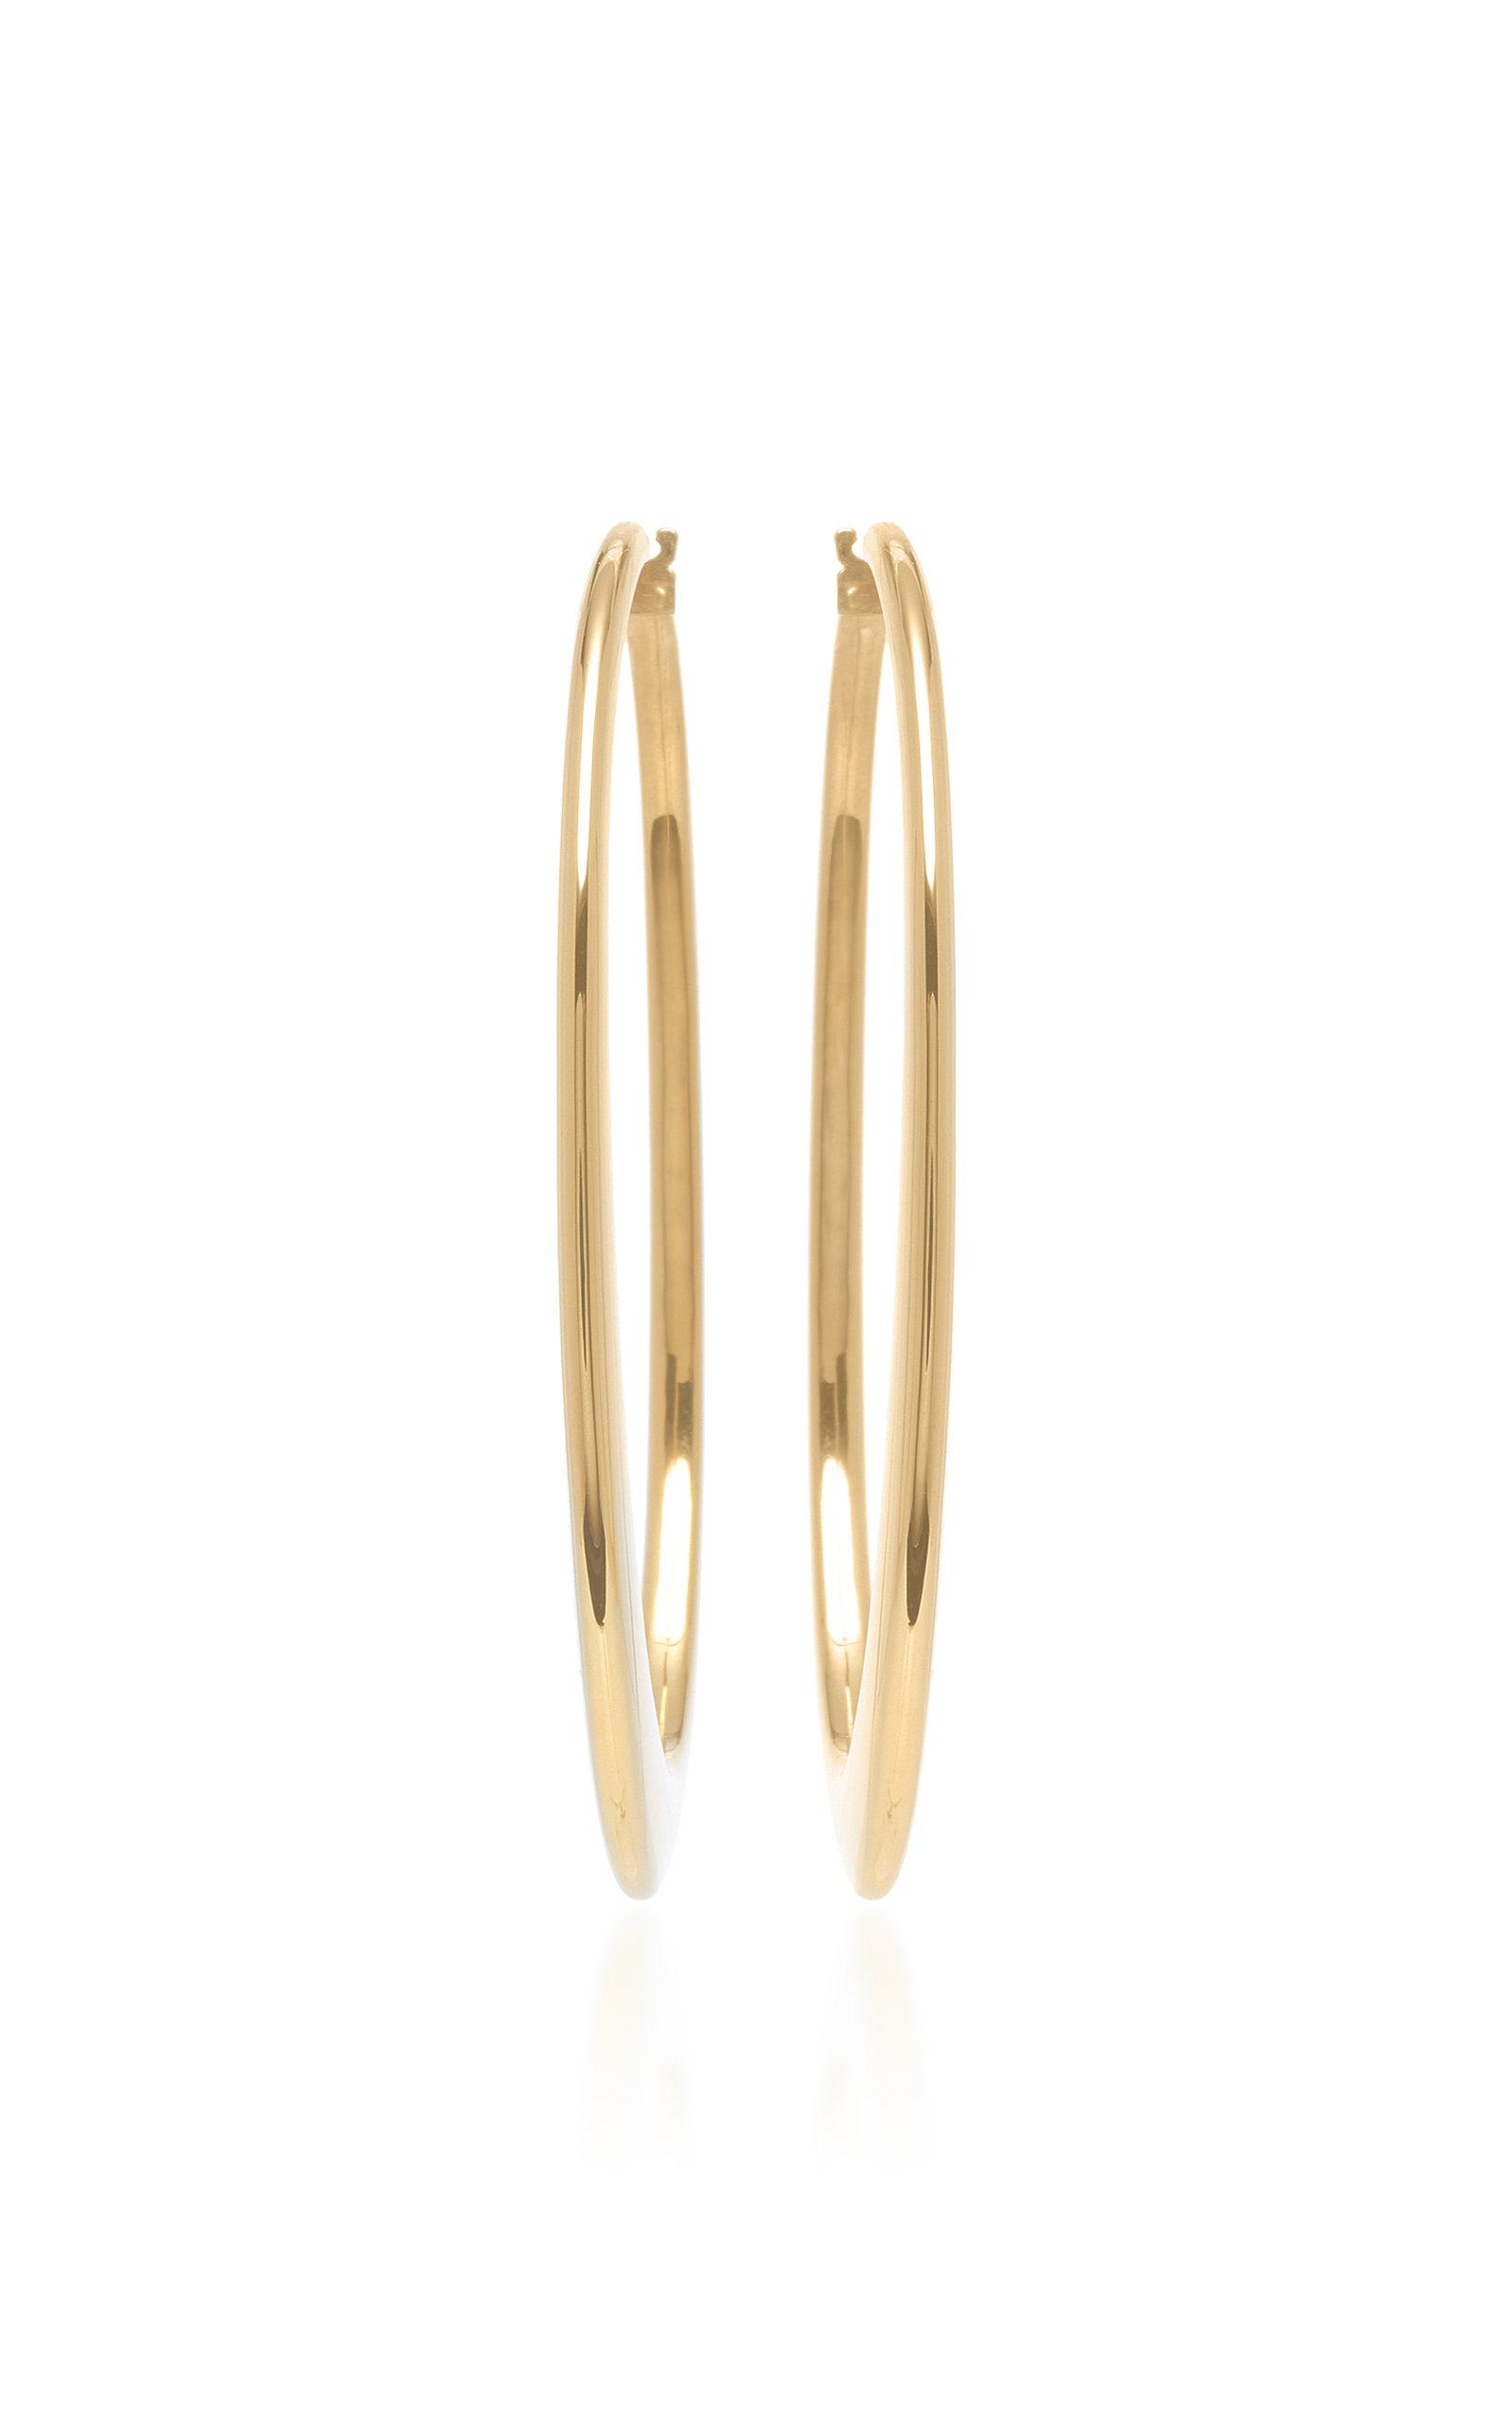 18K White Gold Crescent Oval Hoop Earrings Sidney Garber vemFj8Hg